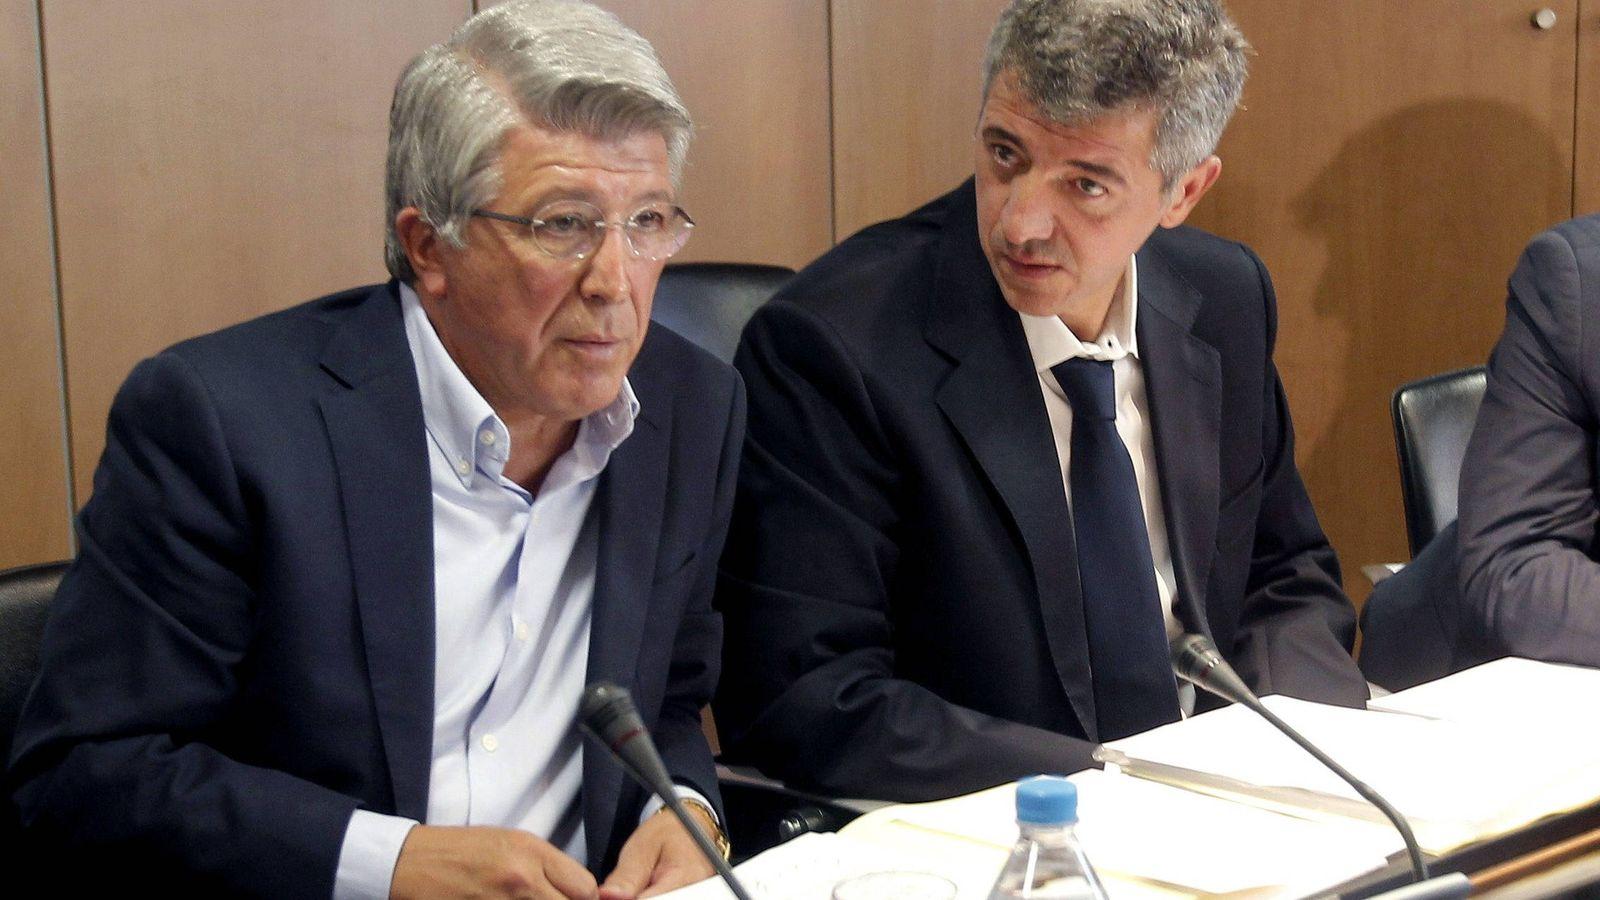 Foto: Enrique Cerezo y Gil Marín, presionados por la 'guerra' del escudo. (EFE)